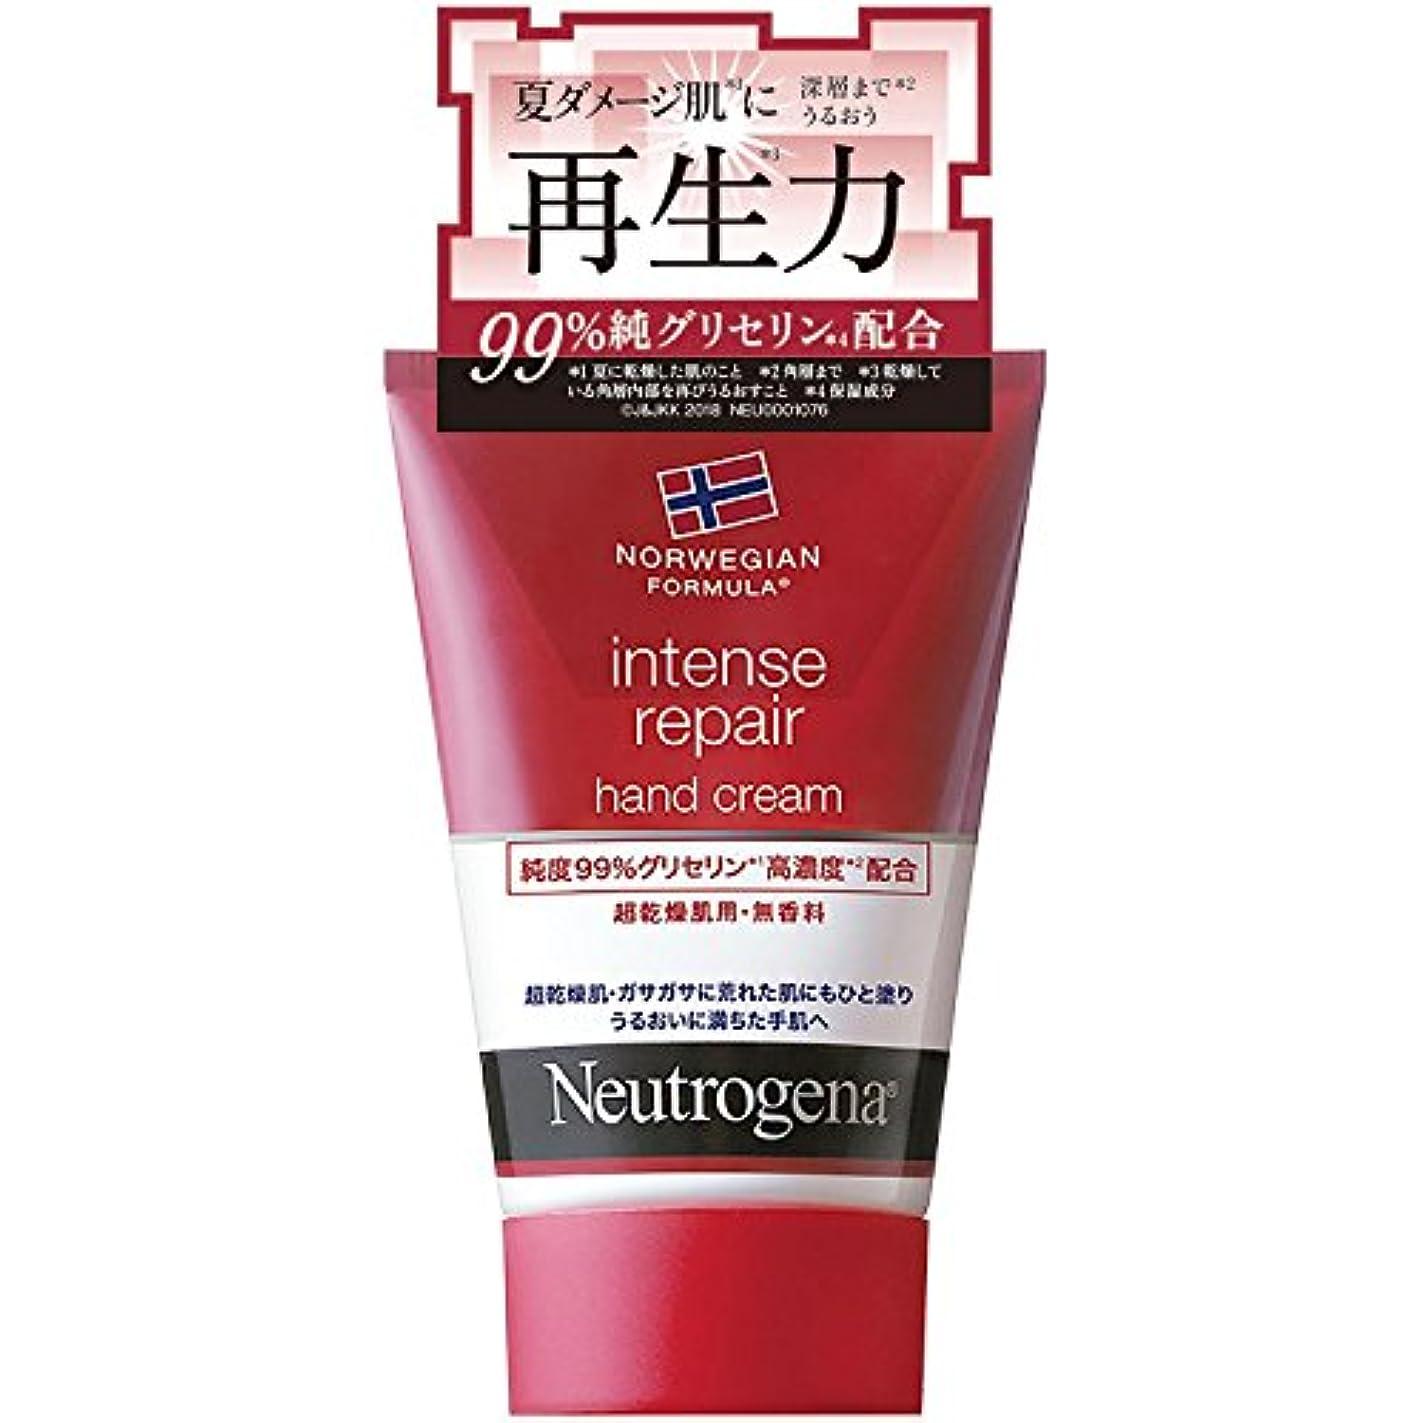 ありそう流用する偽善者Neutrogena(ニュートロジーナ) ノルウェーフォーミュラ インテンスリペア ハンドクリーム 超乾燥肌用 無香料 単品 50g